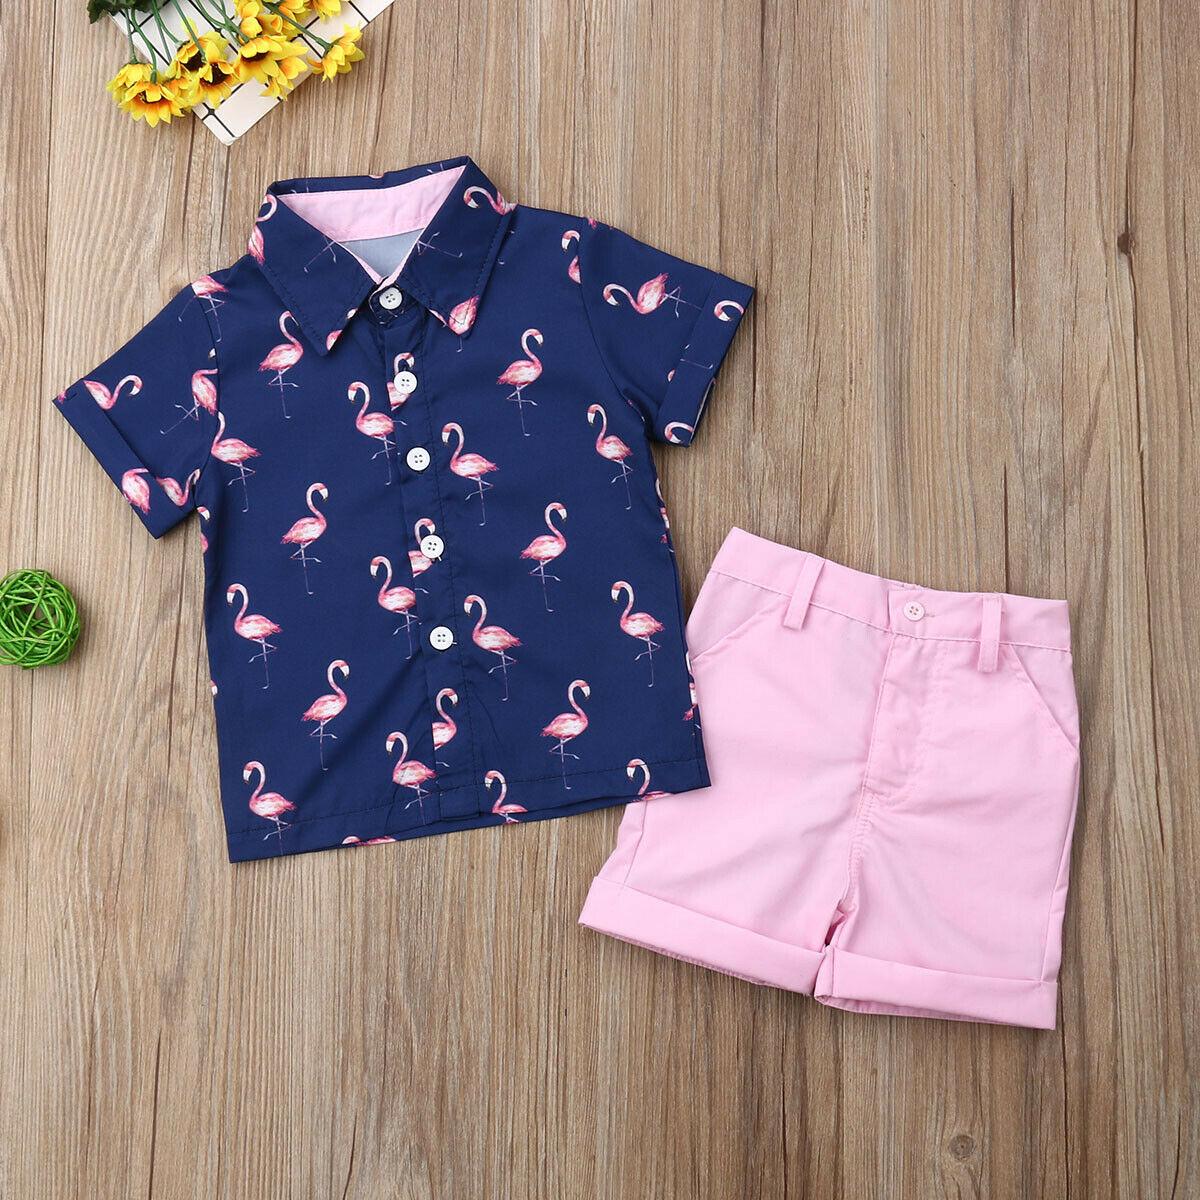 Toddler Kid Baby Boy Clothes Flamingo Shirt Tops Shorts Pants Summer Outfits Set